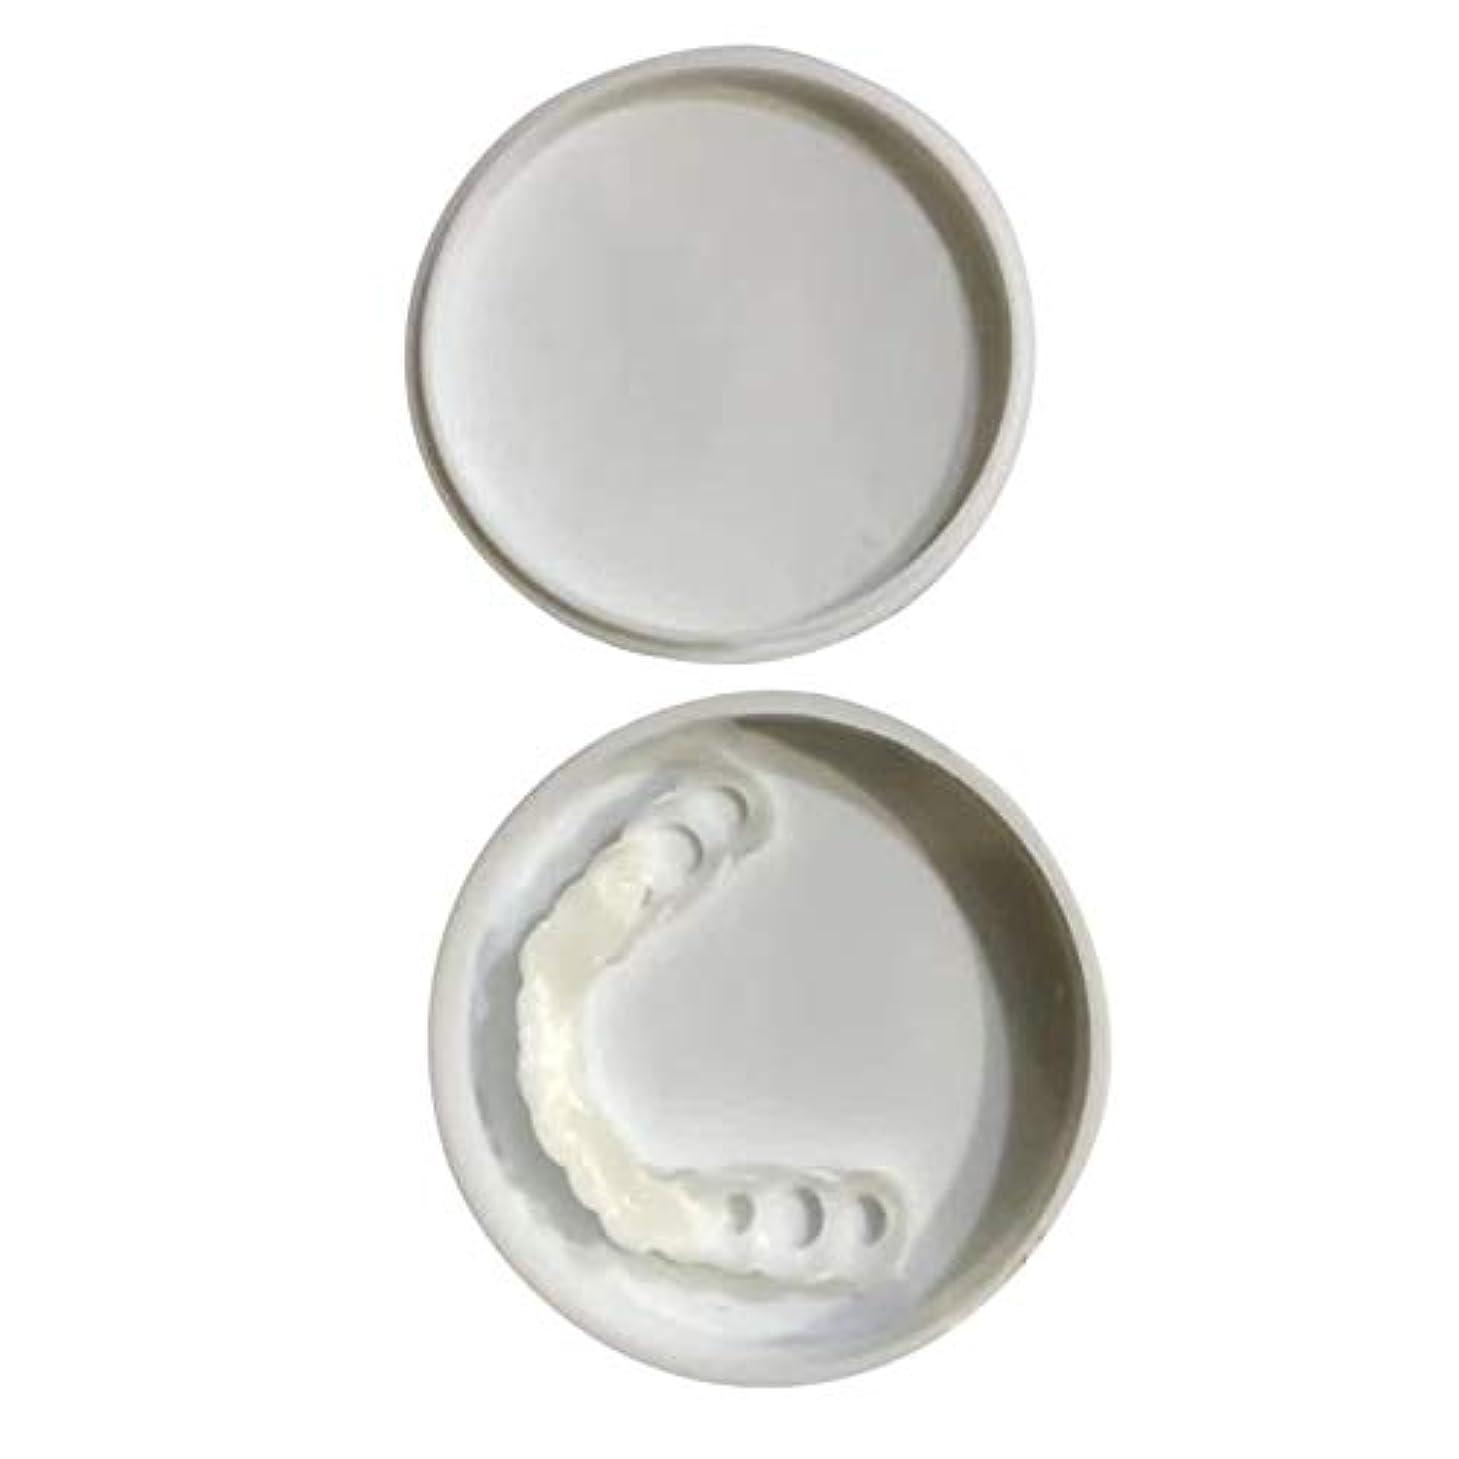 火モードリン強制的快適なスナップオン男性女性歯インスタントパーフェクトスマイルコンフォートフィットフレックス歯フィットホワイトニング笑顔偽歯カバー - ホワイト